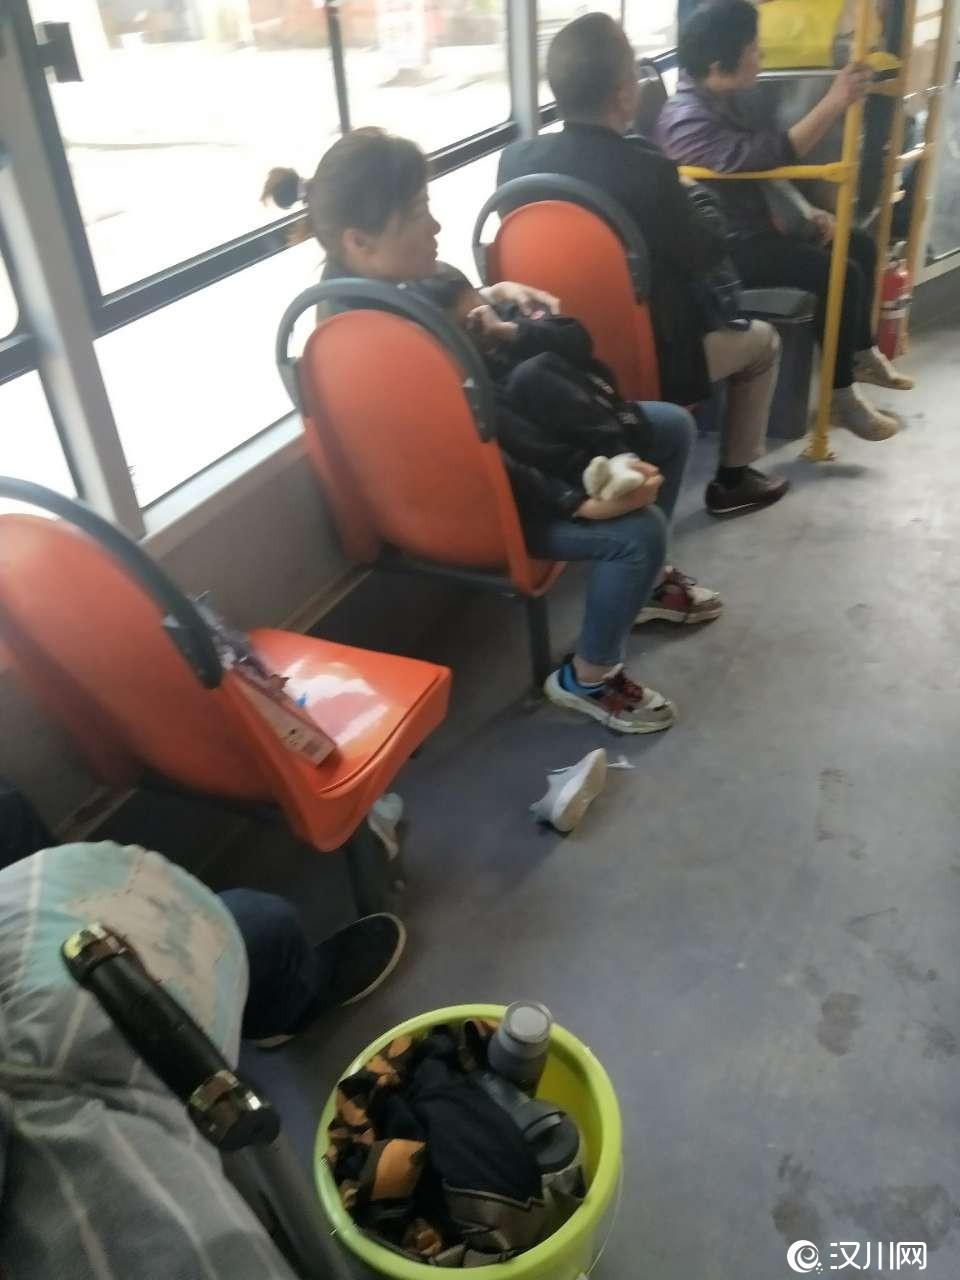 今天早上坐7路公交,上车的时候就发现还有一个空位,